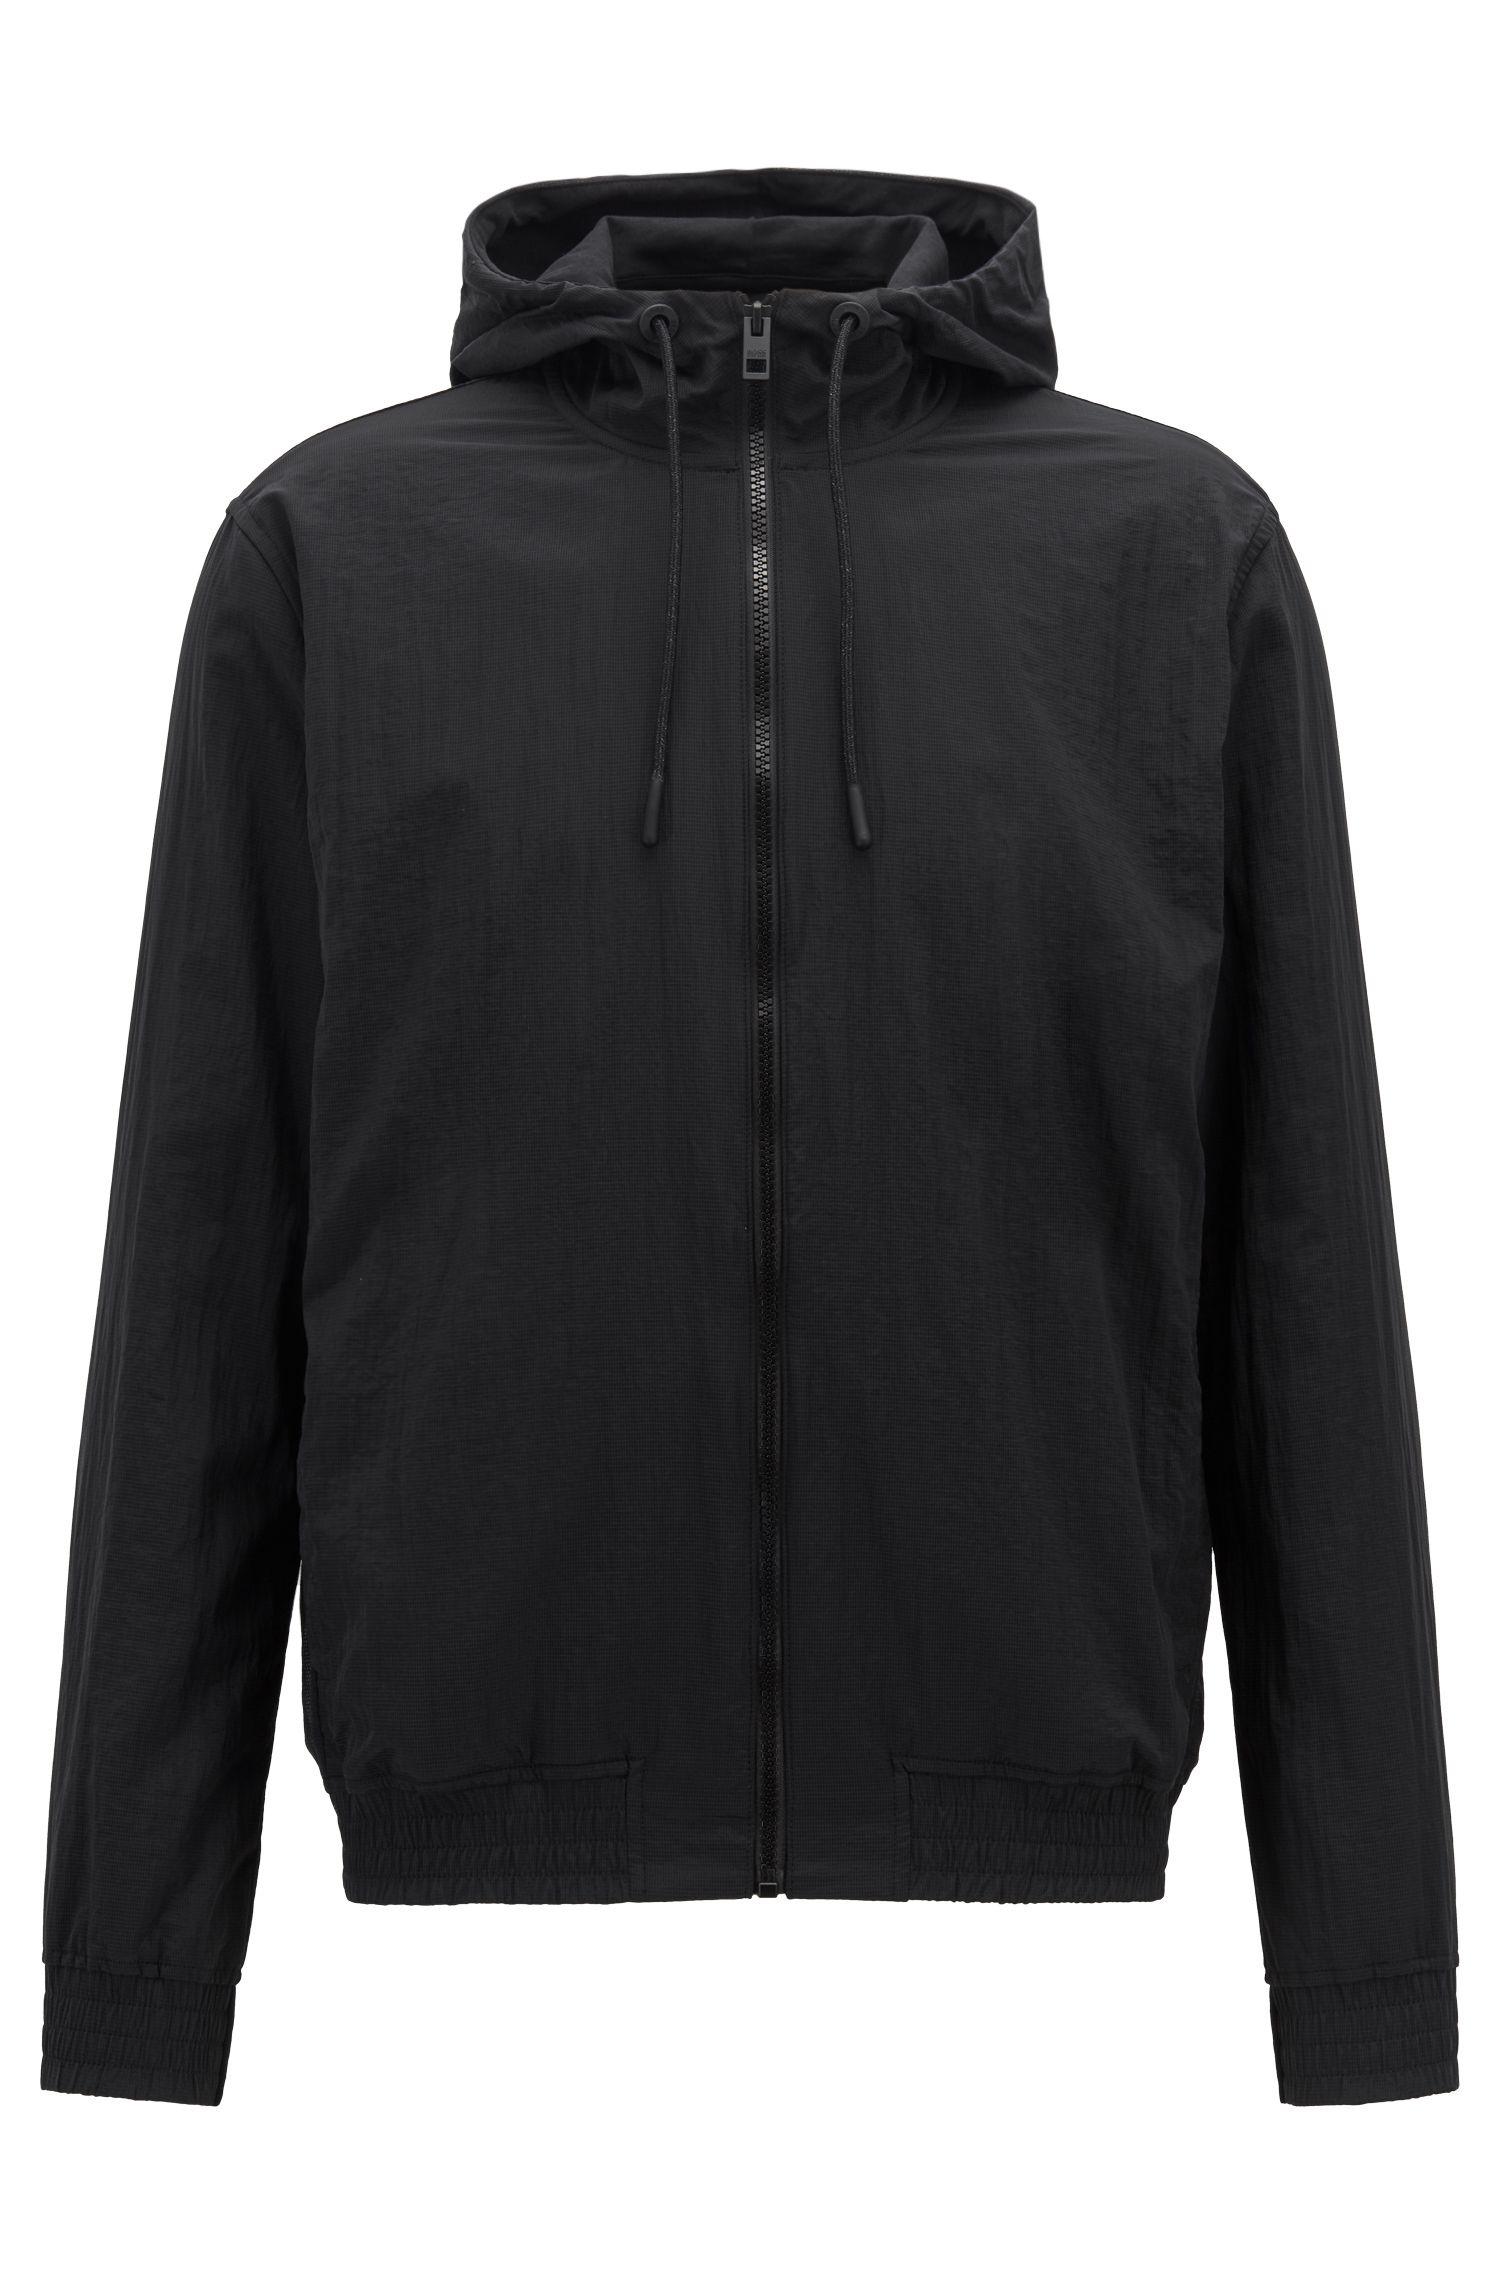 Lichte jas met capuchon en logoprint, gevoerd met jersey, Zwart